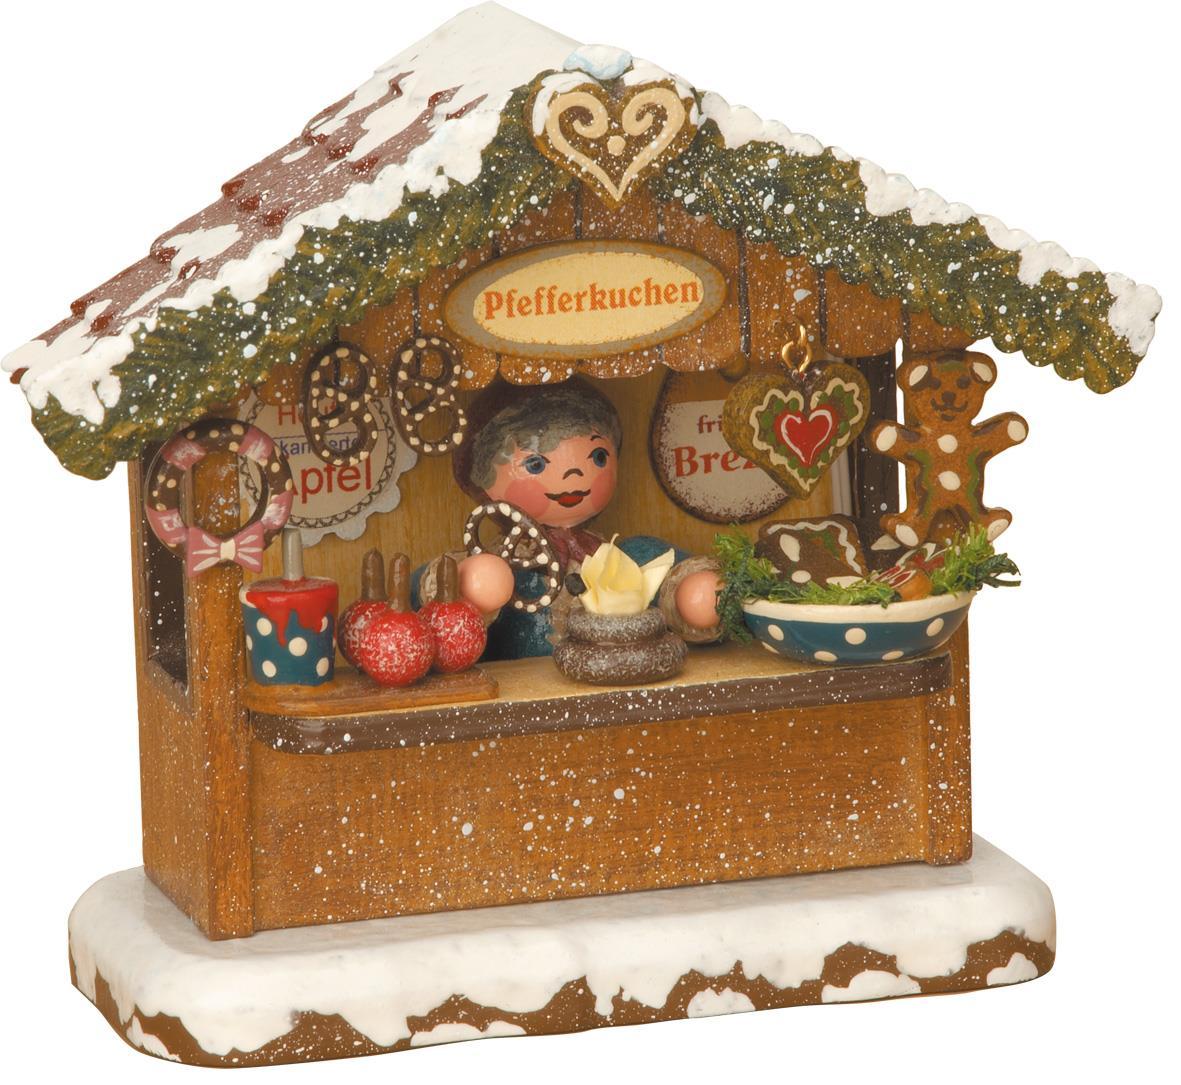 Winterhaus - Pfefferkuchenhäusel